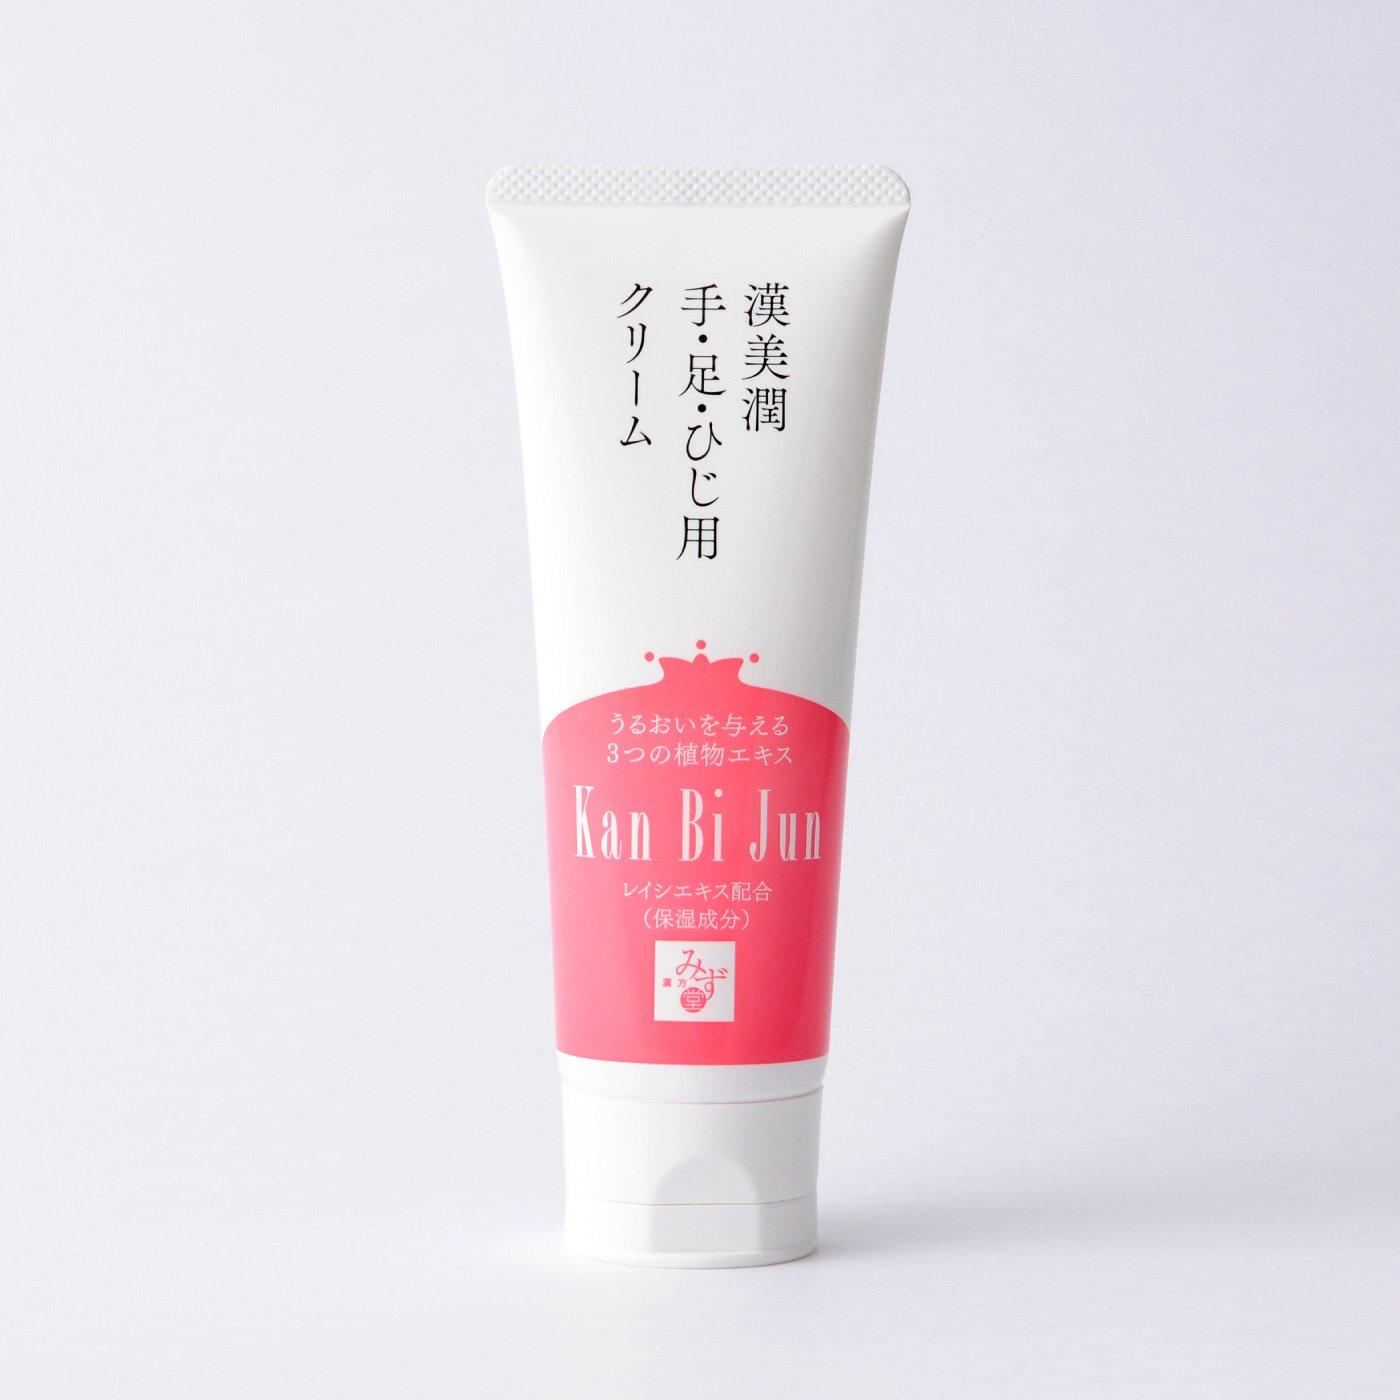 漢方みず堂 漢美潤 手・足・ひじ用クリーム 100g